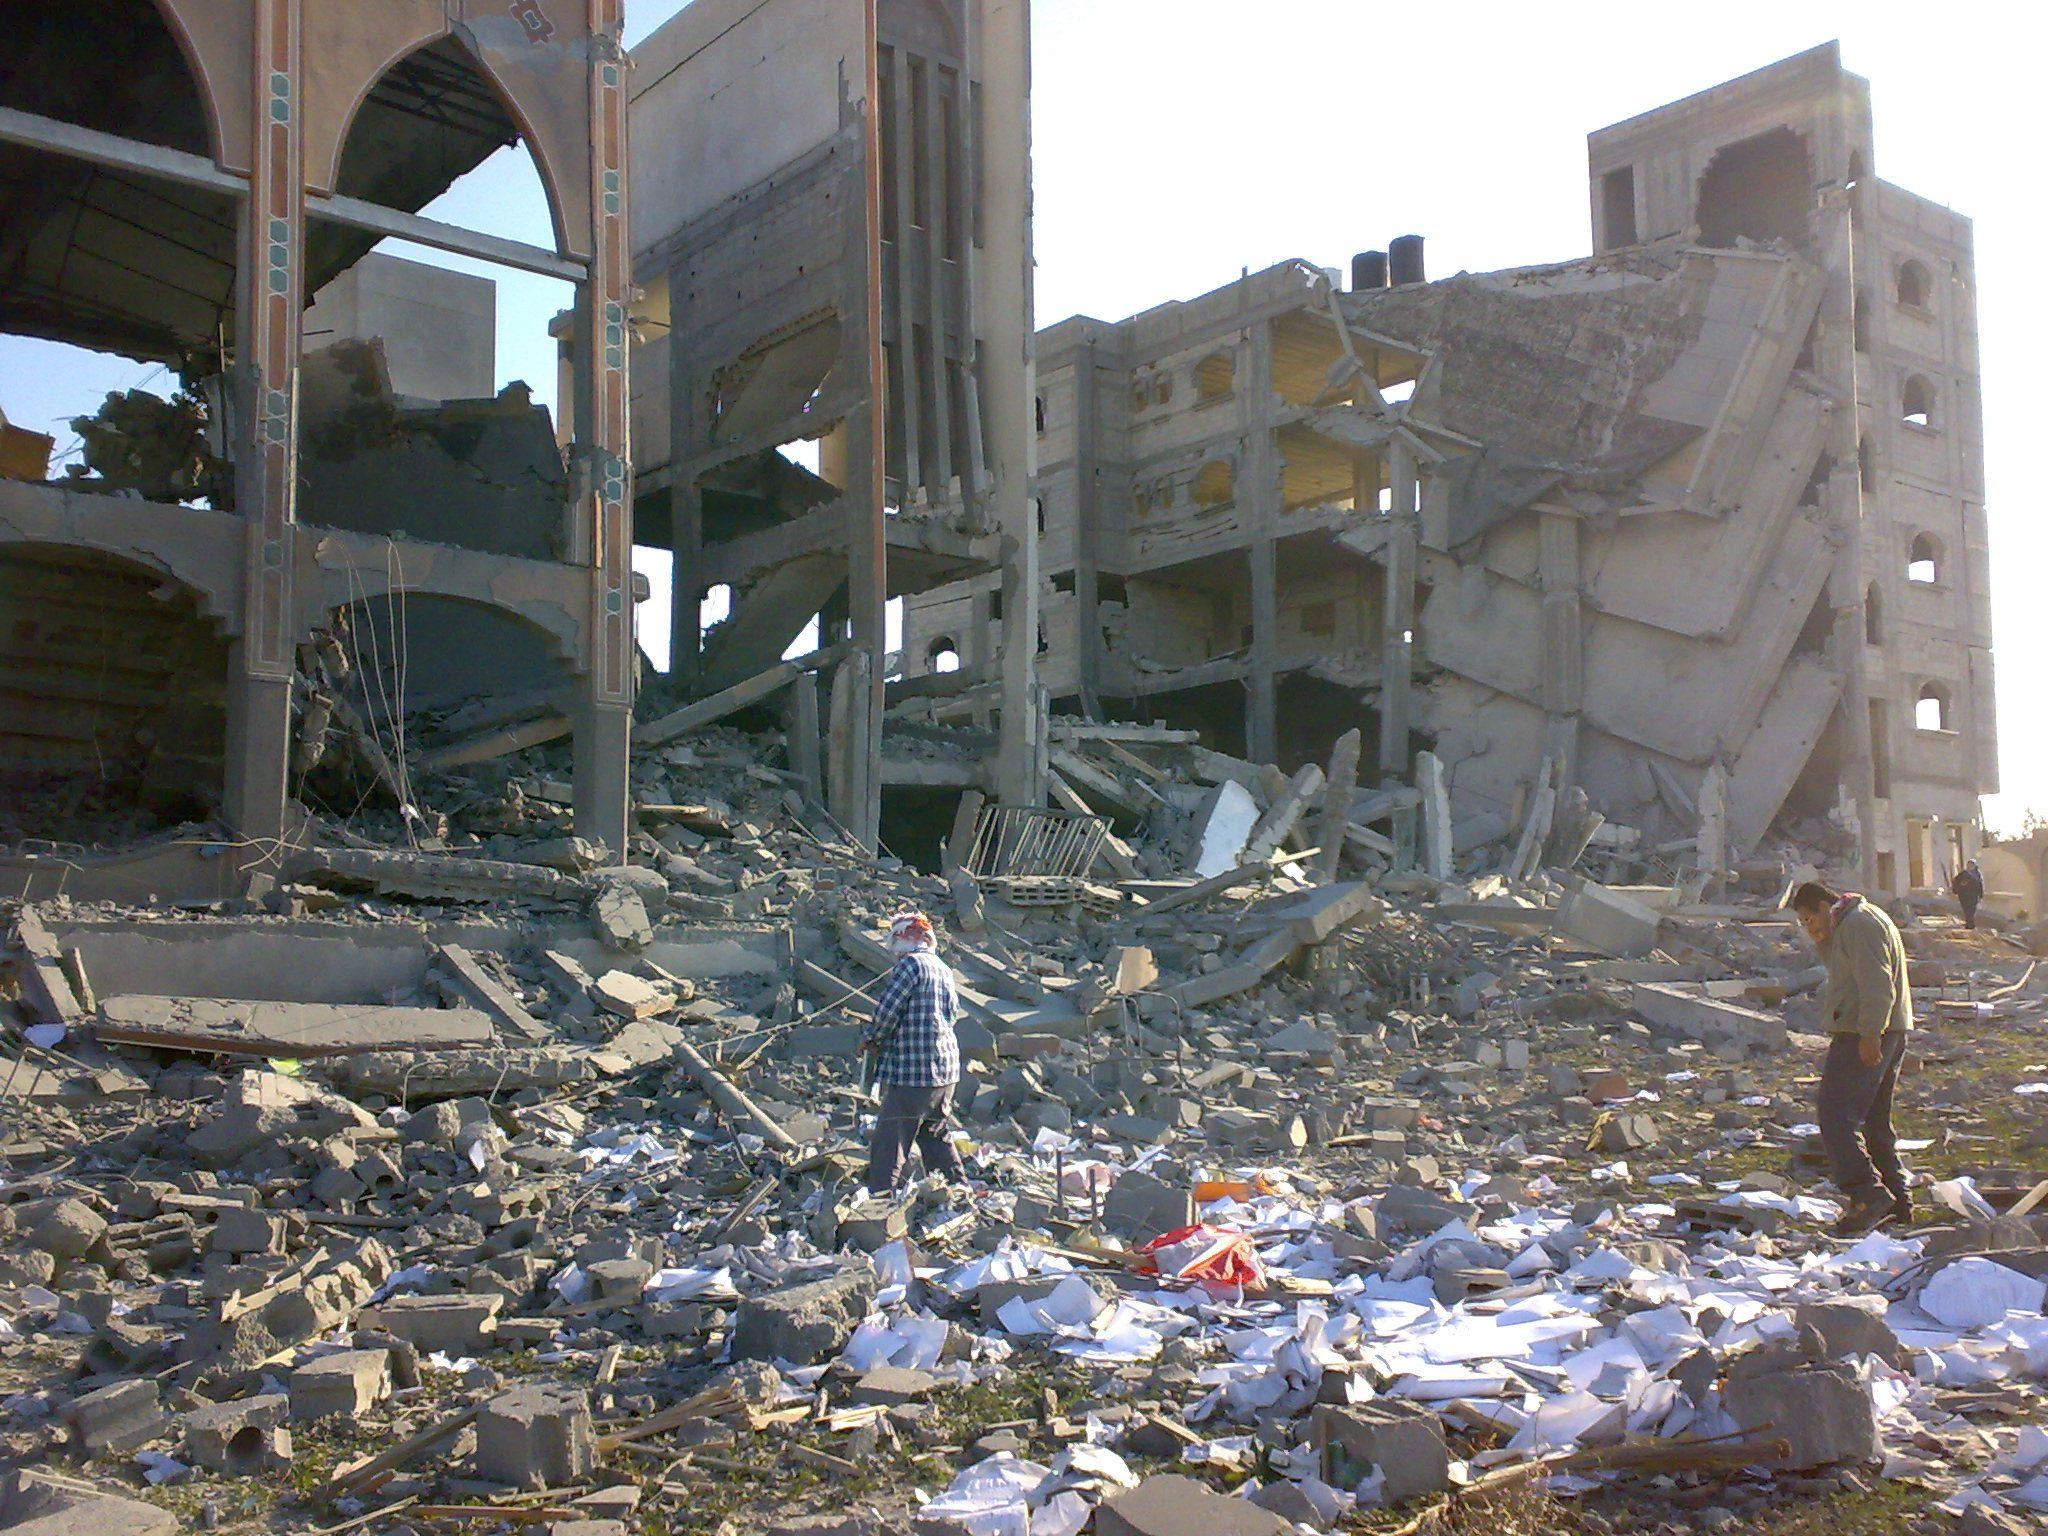 destroyed mosque 02 - <b>Ізраїль звинувачують у злочинах проти людяності та апартеїді.</b> Що сталося та чому країни поки не підтримують ці обвинувачення - Заборона